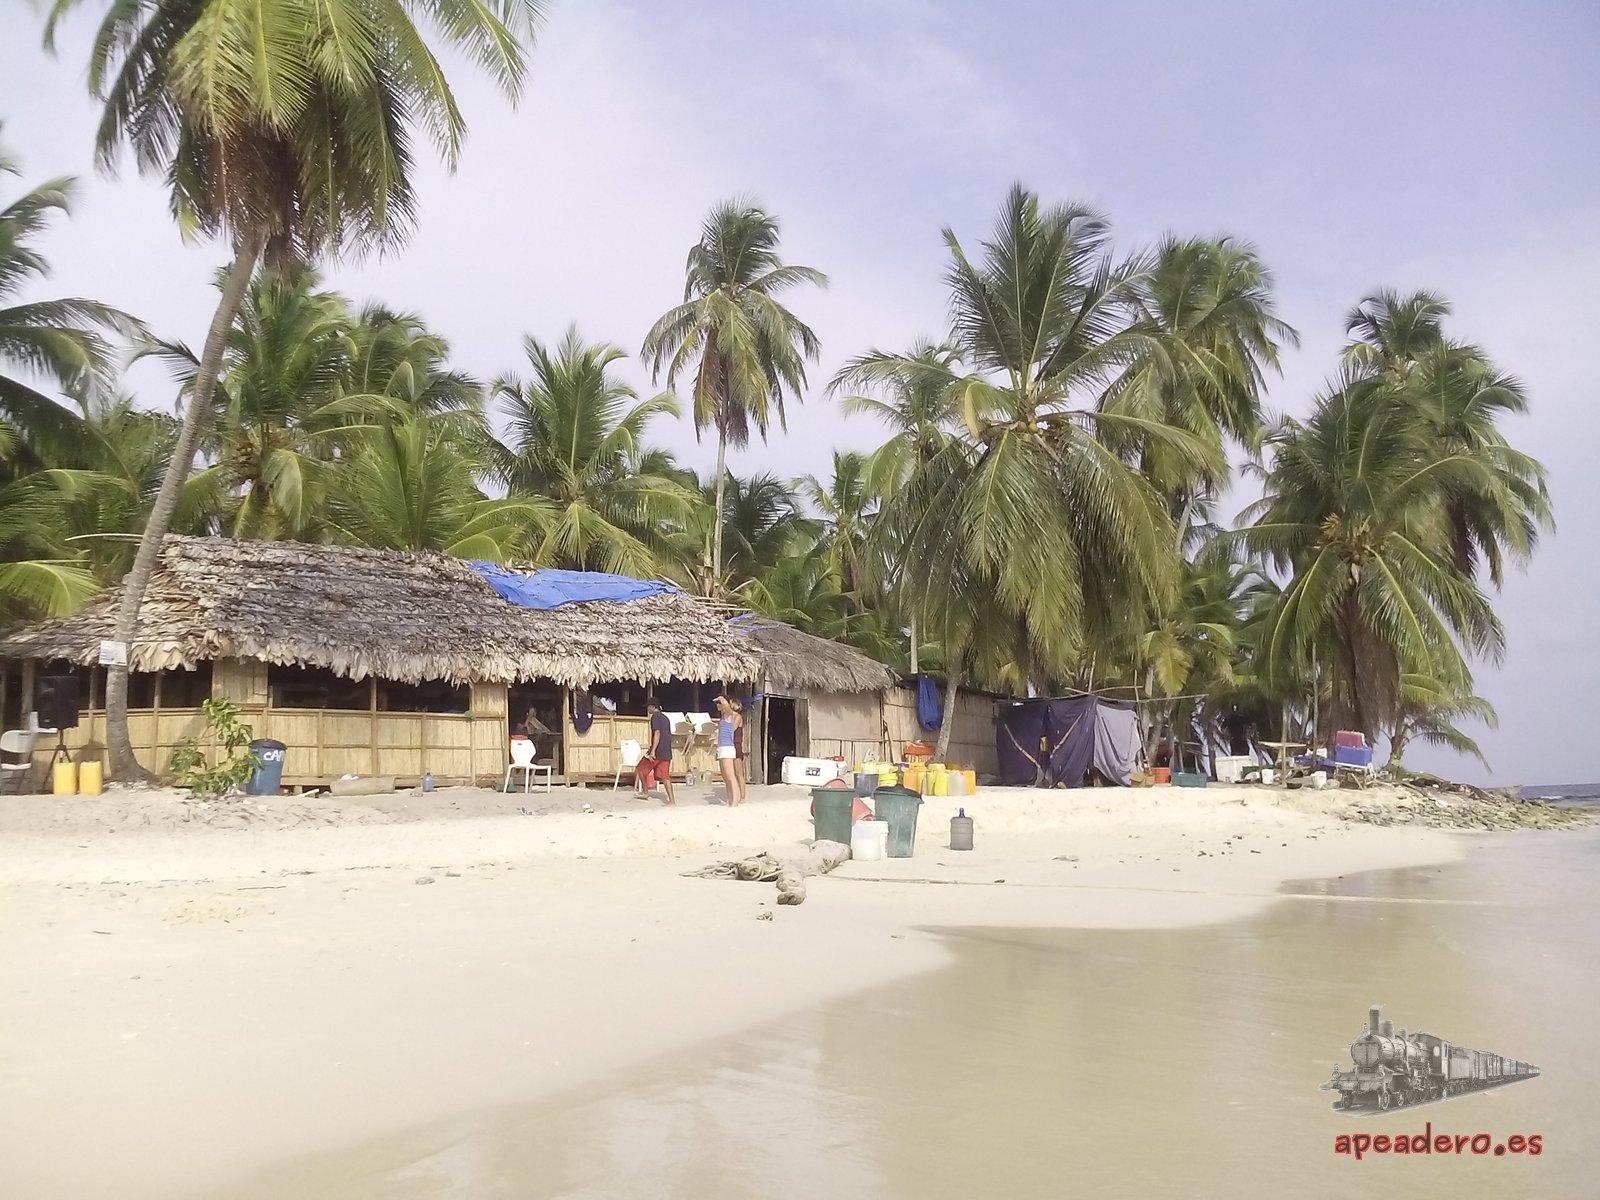 La cabaña más grande de la isla suele ser el restaurante.